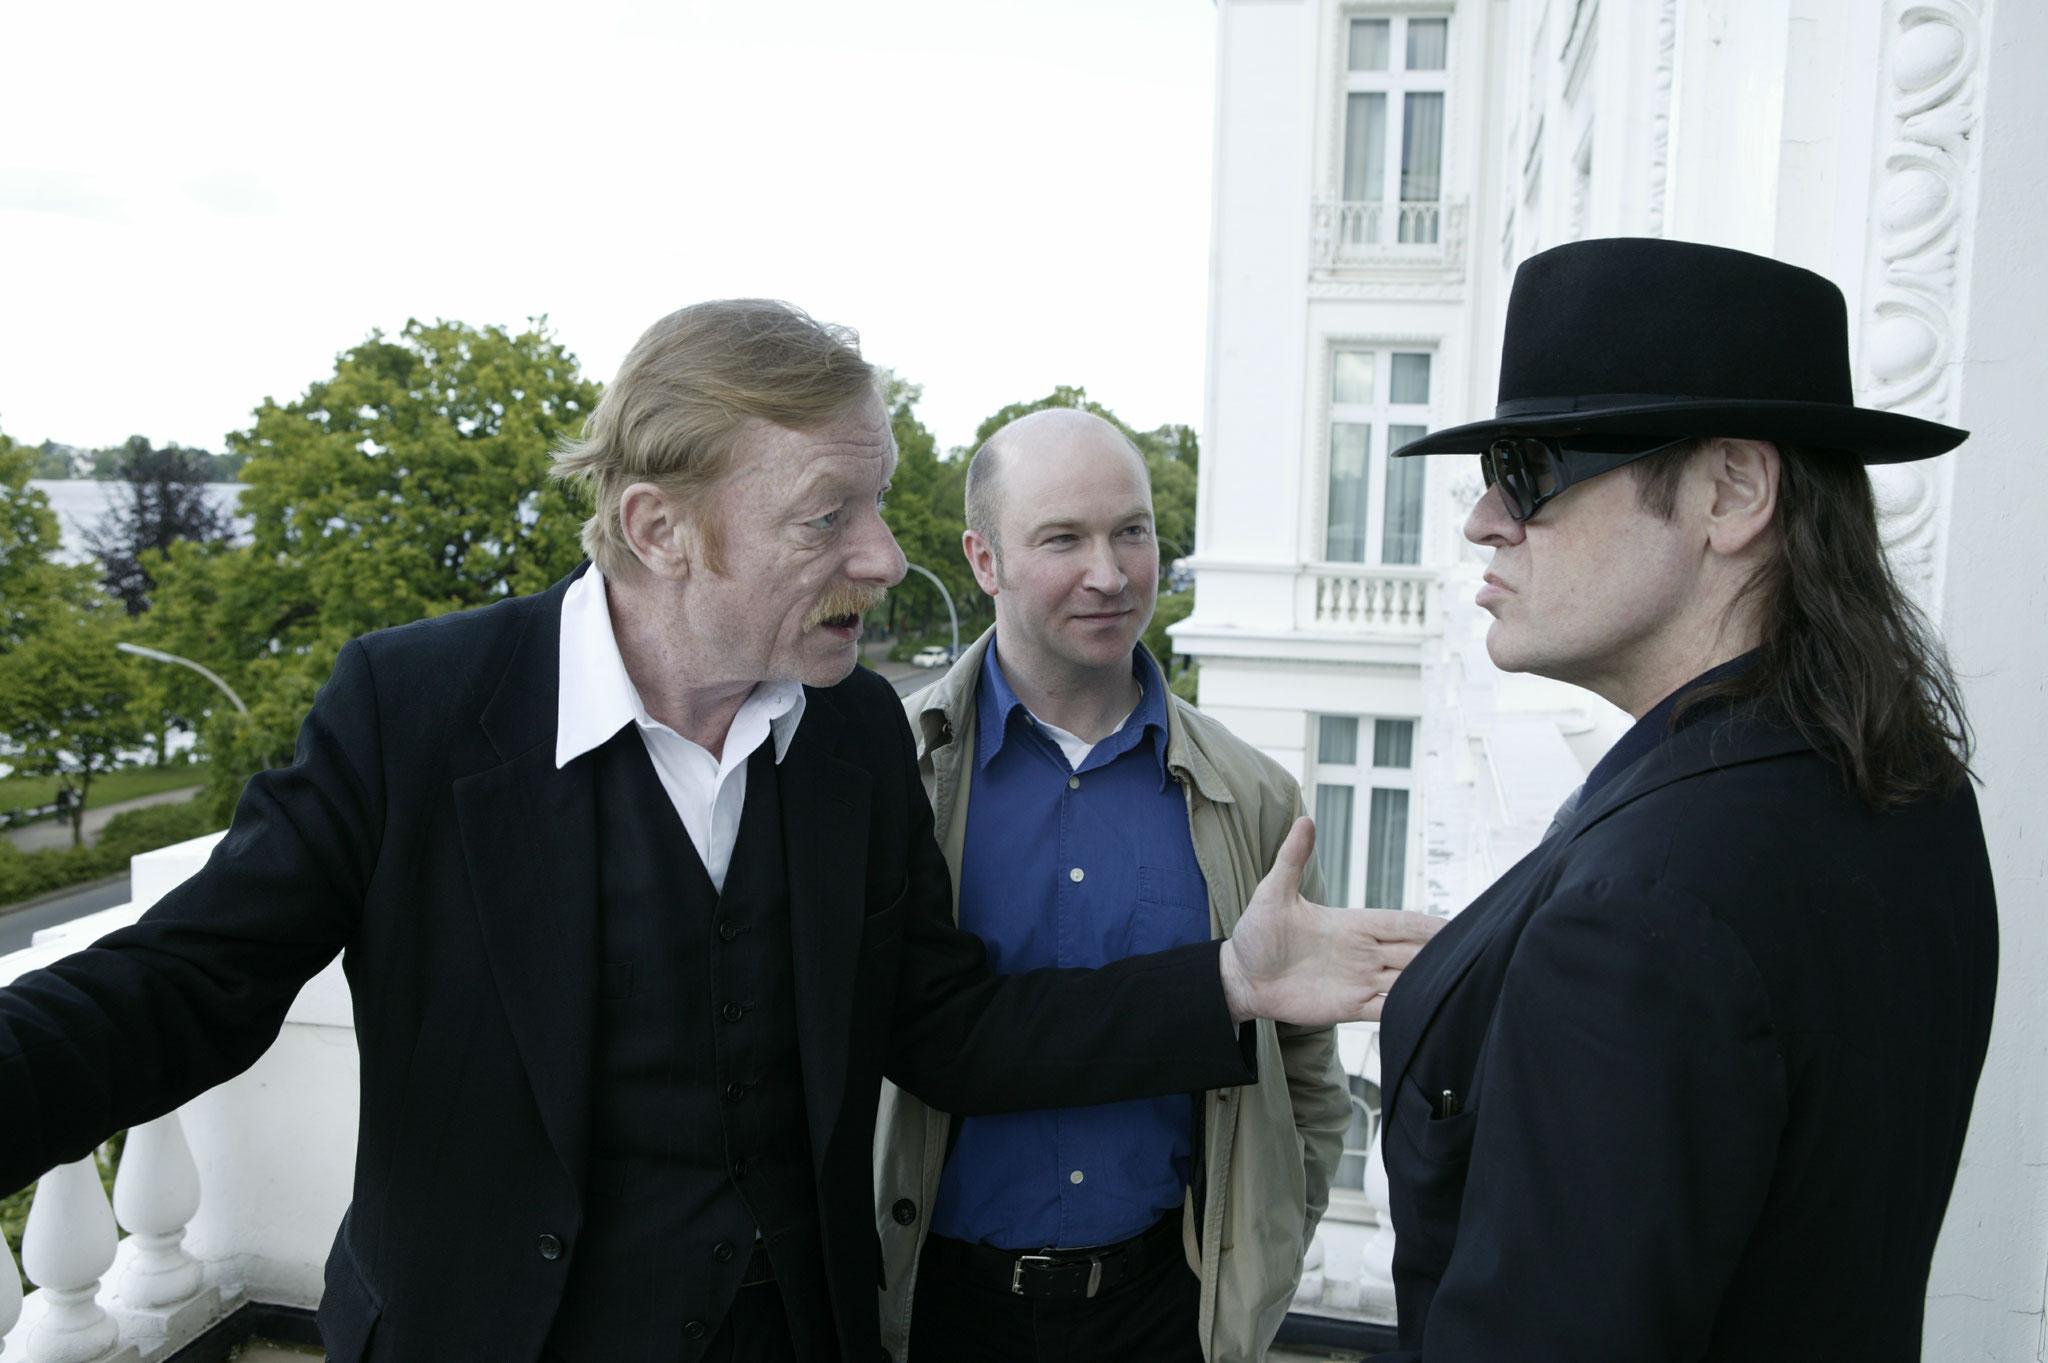 Otto Sander, Udo Lindenberg, Helge Stroemer, Foto: Nico Krauss